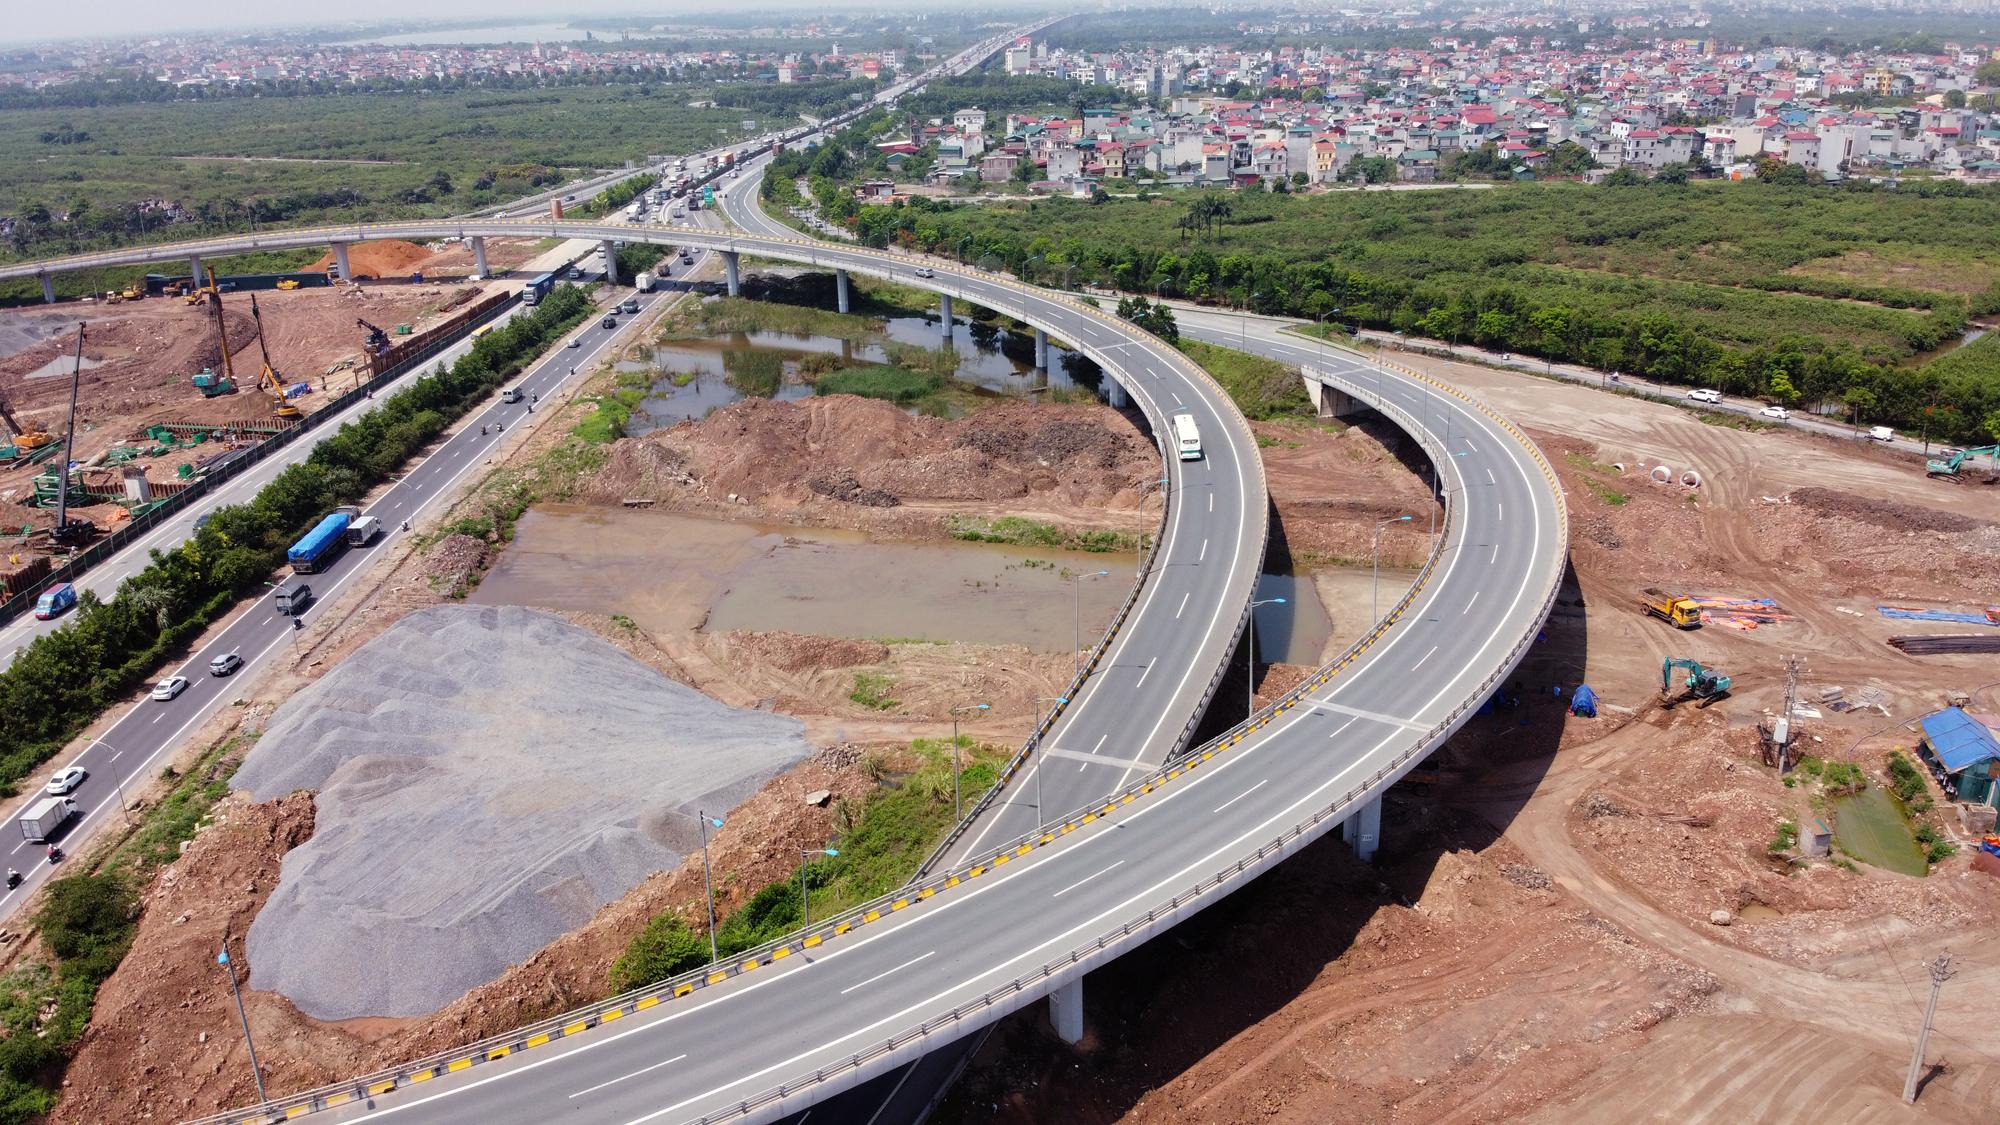 Toàn cảnh dự án xây dựng nút giao Vành đai 3 với cao tốc Hà Nội - Hải Phòng - Ảnh 12.